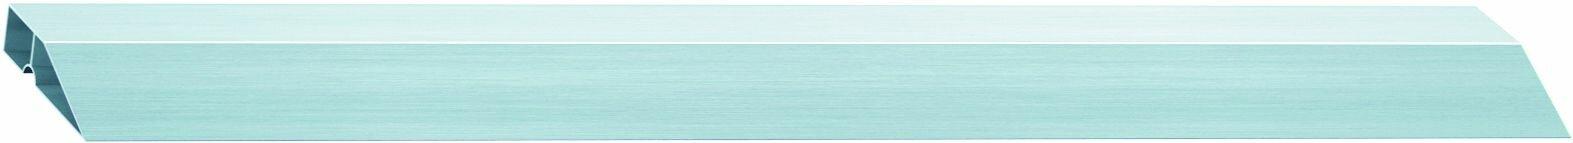 """Правило алюминиевое Сибртех """"Трапеция"""", 1 ребро жесткости, длина 1,5 м"""